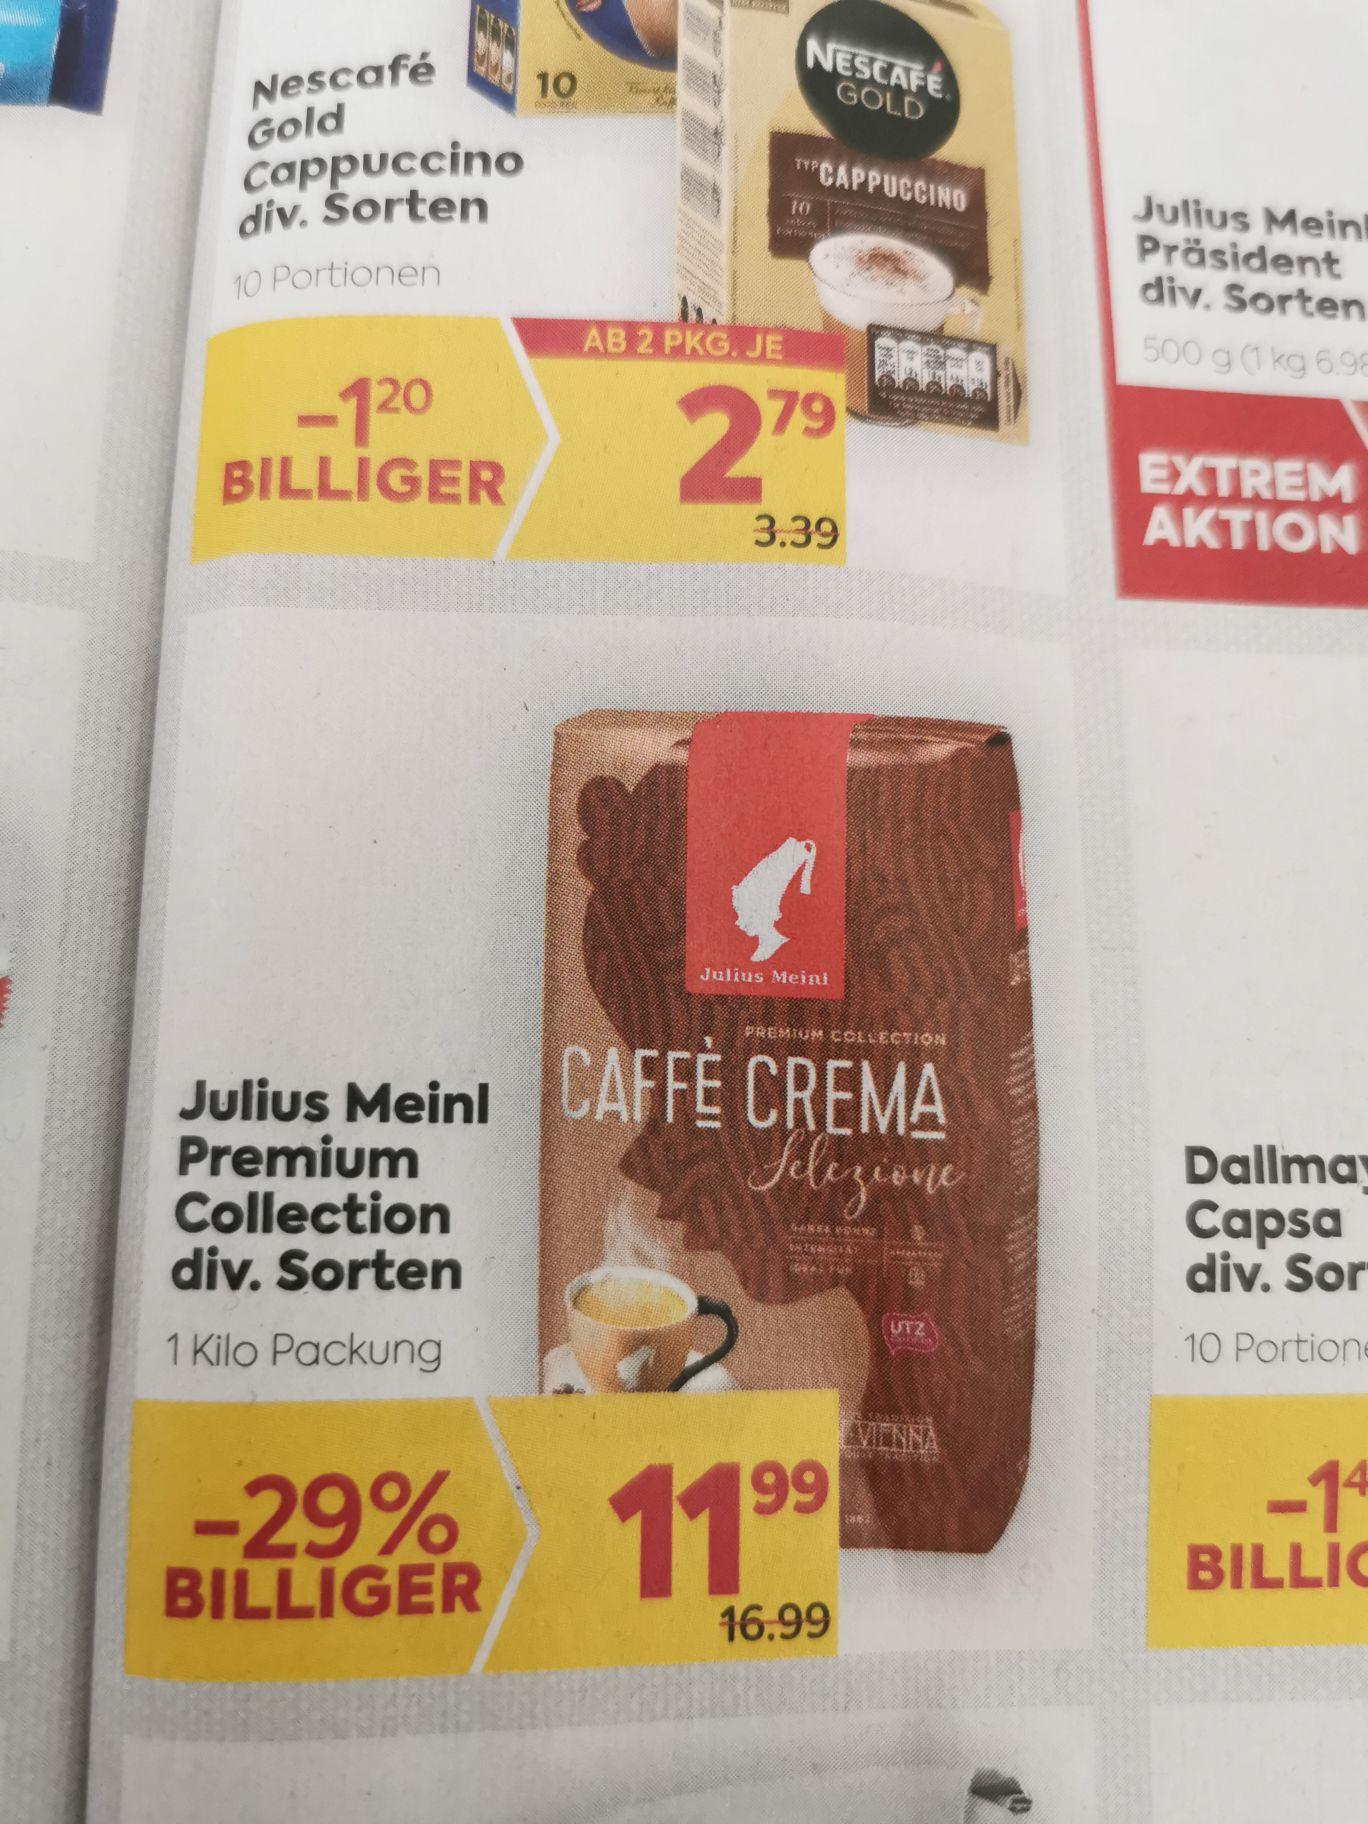 Julius Meinl Premium Collection